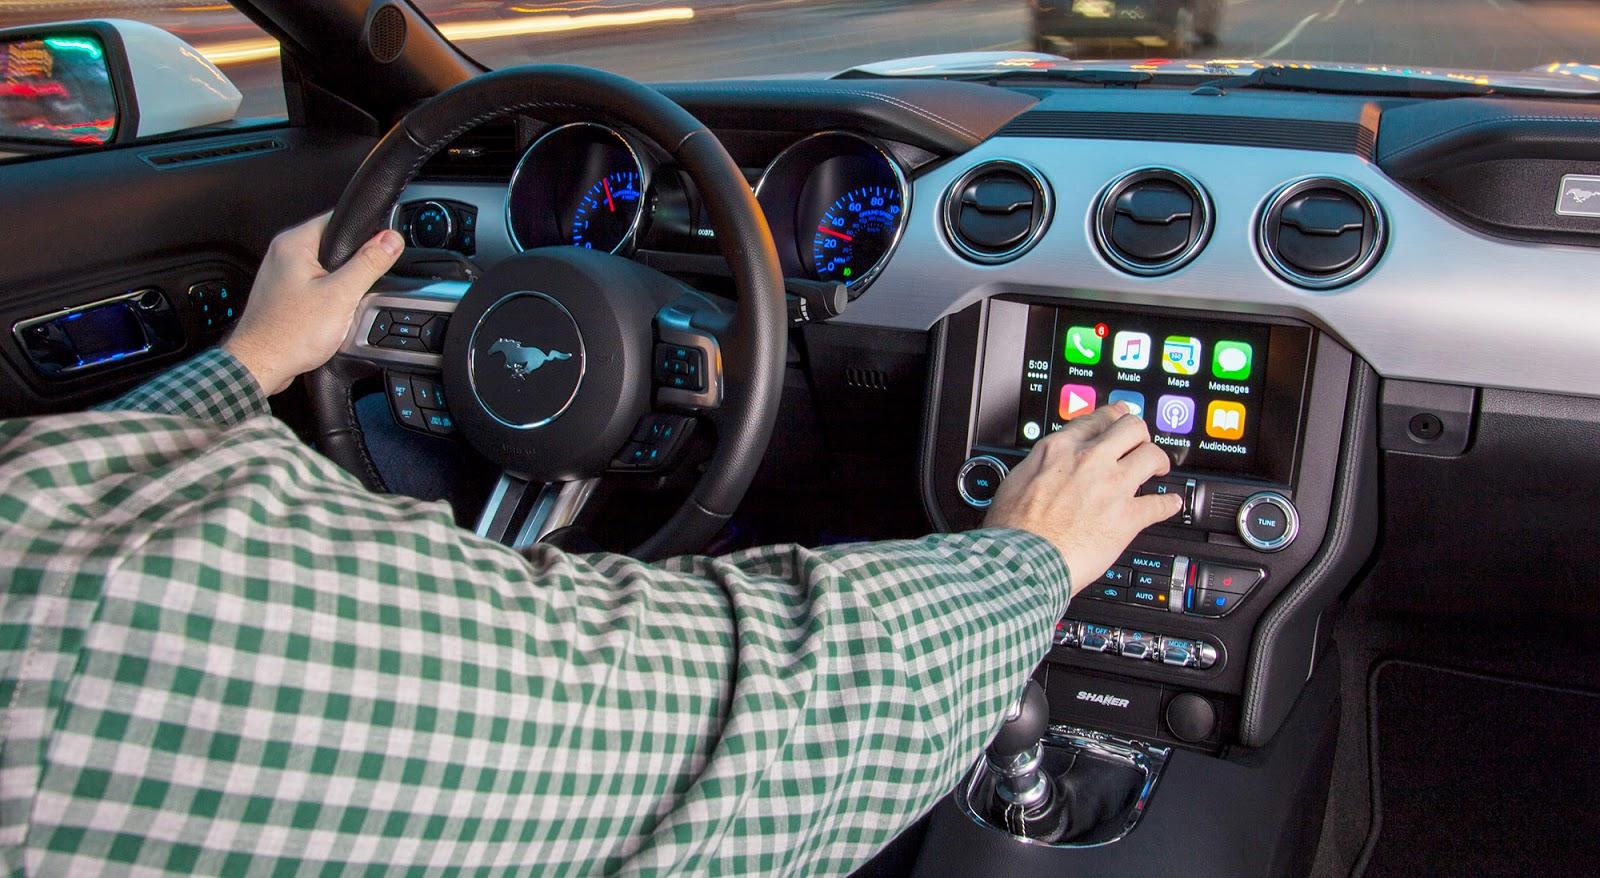 Các dòng xe của Ford luôn dẫn đầu sự thông minh